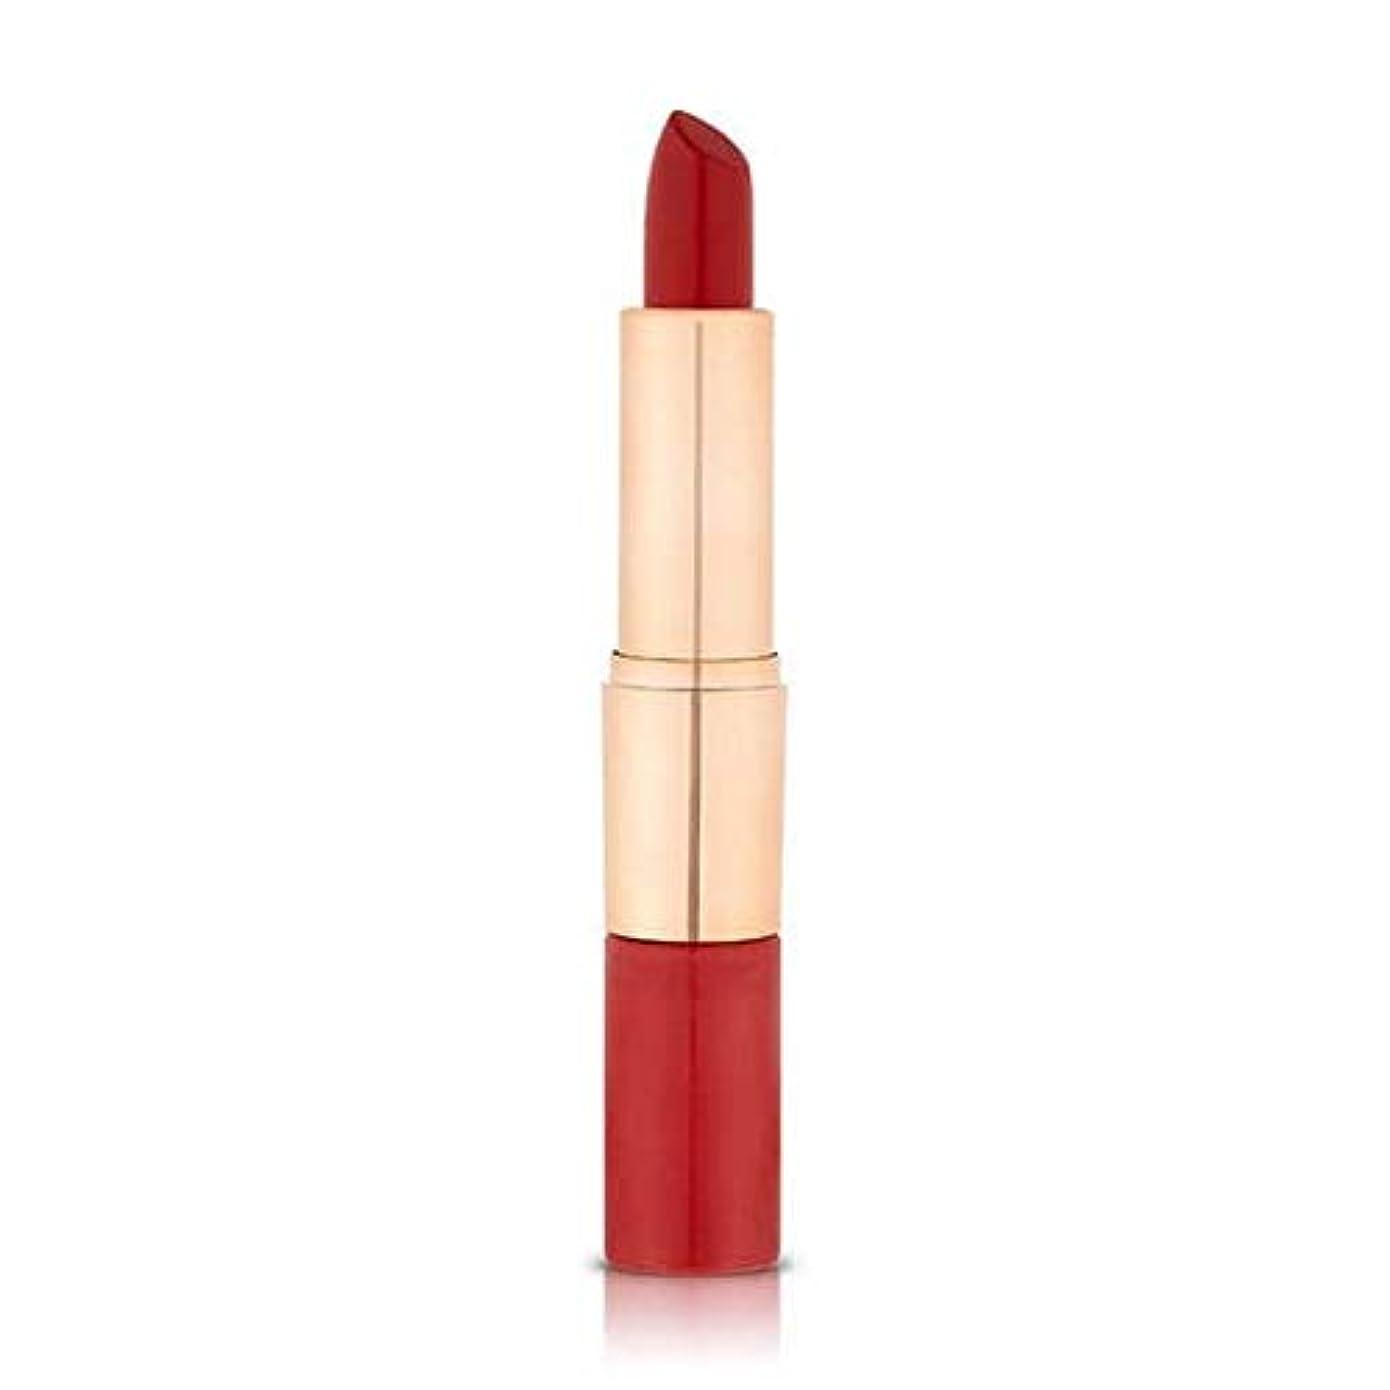 収縮宴会サンドイッチ[Flower Beauty ] 花の美しさのミックスN」はマットリップスティックデュオ赤いベルベット690 - Flower Beauty Mix N' Matte Lipstick Duo Red Velvet 690 [並行輸入品]